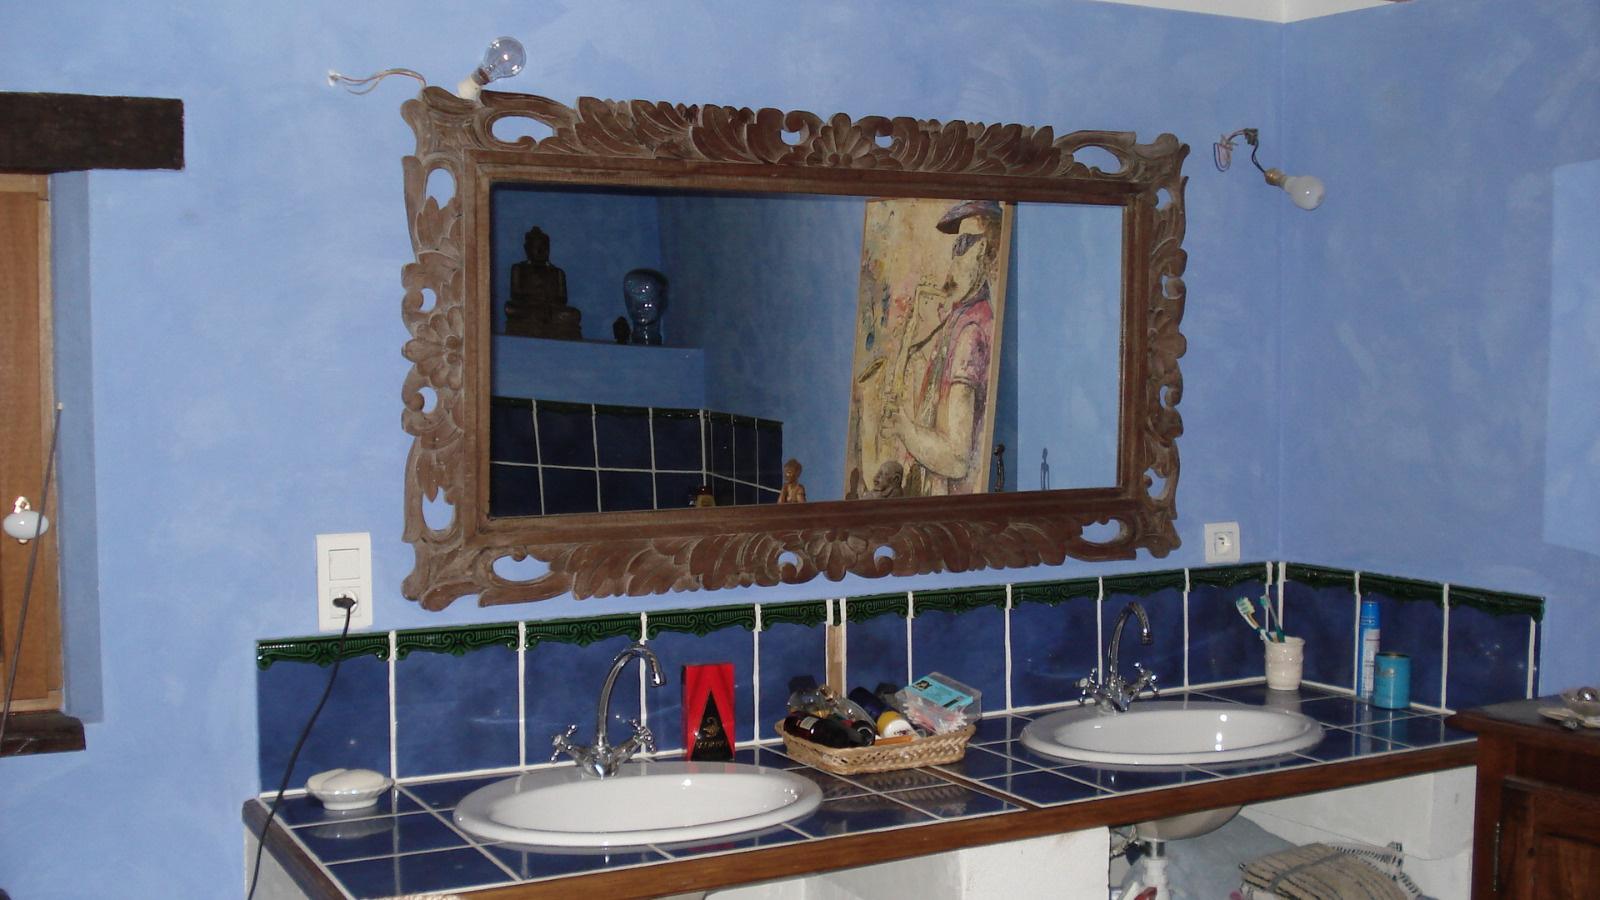 Achat maison t5 rudeau ladosse anb immobilier for Achat maison 04